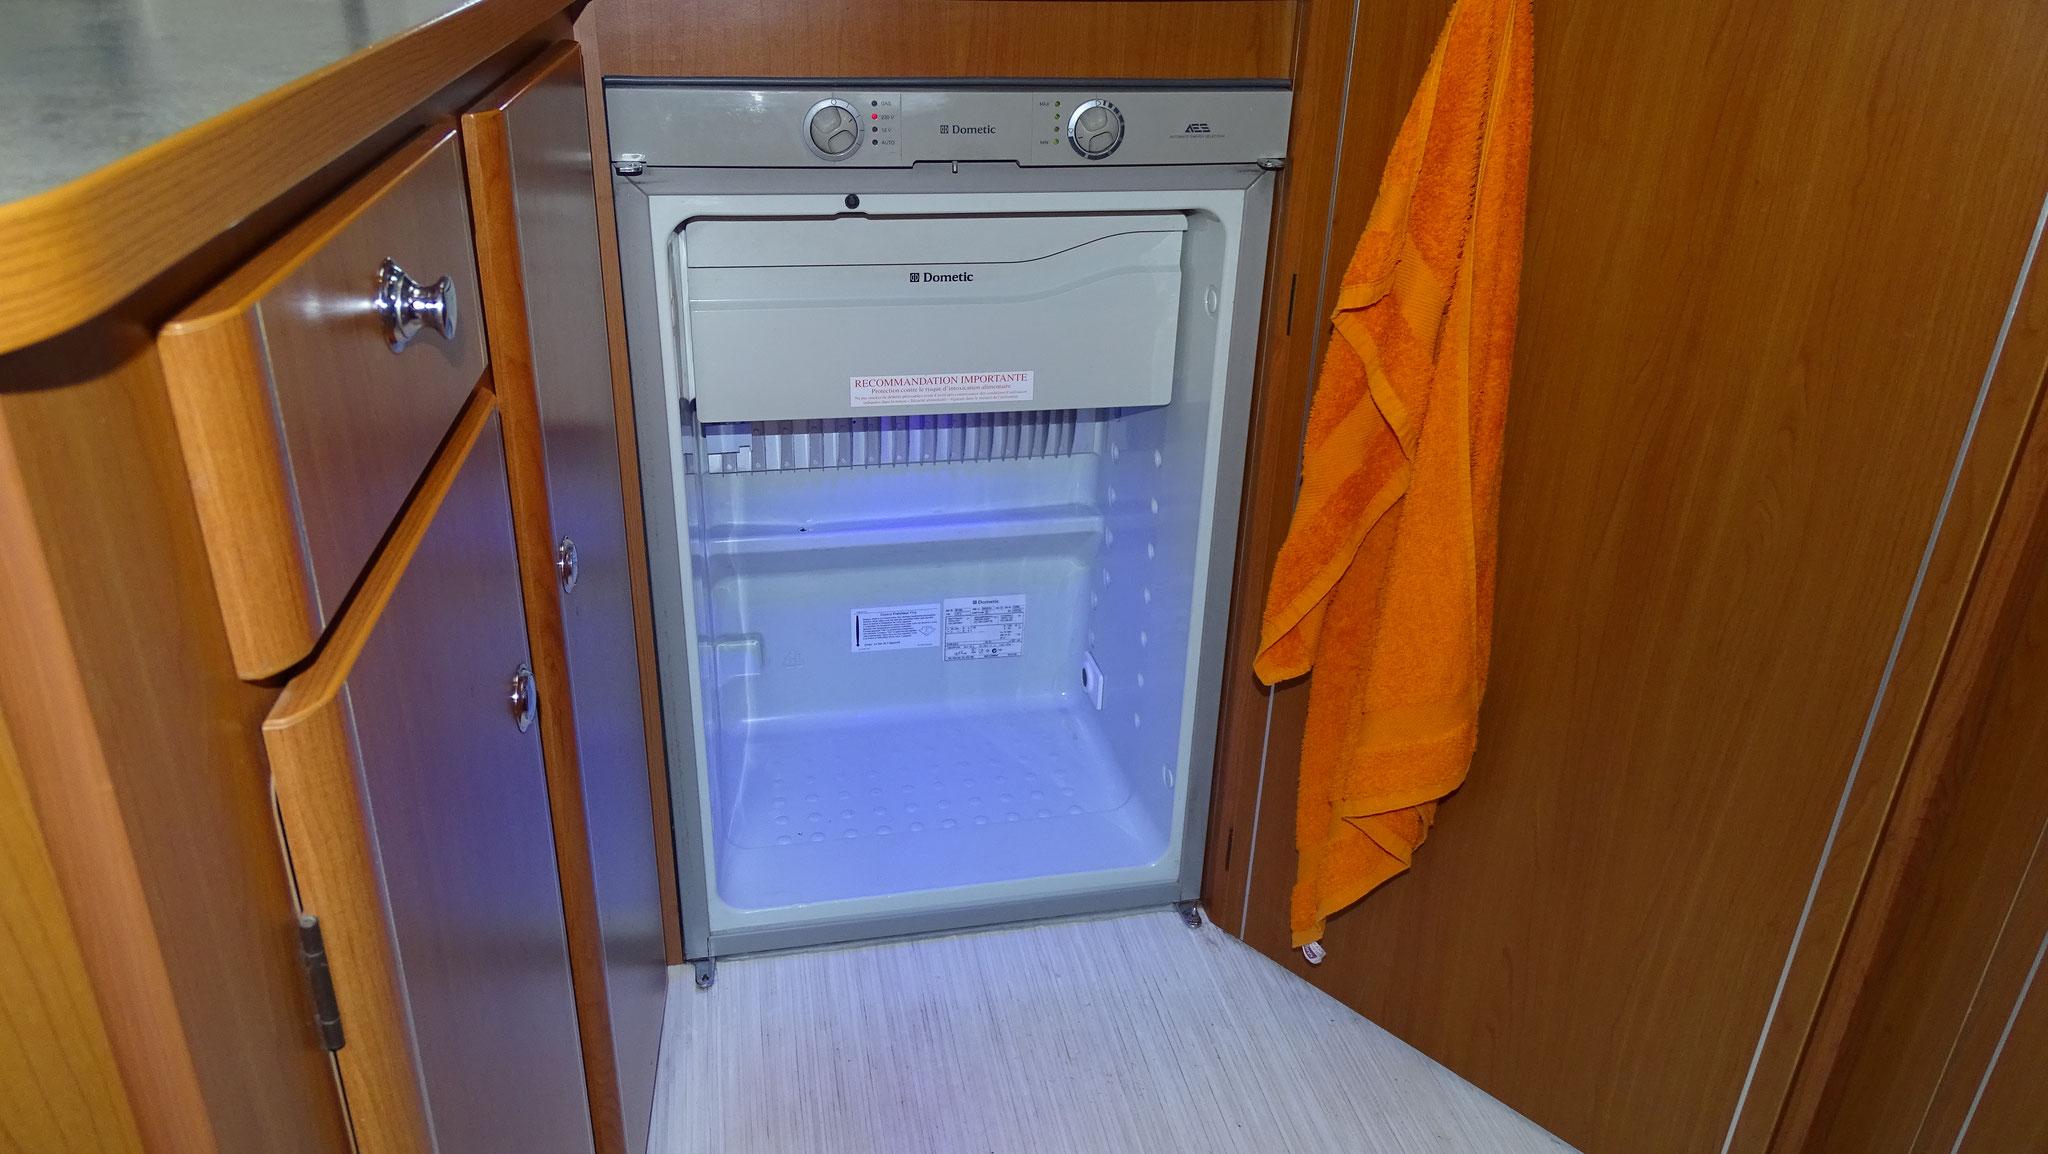 Le grand frigo (porte demontée pour nettoyage)